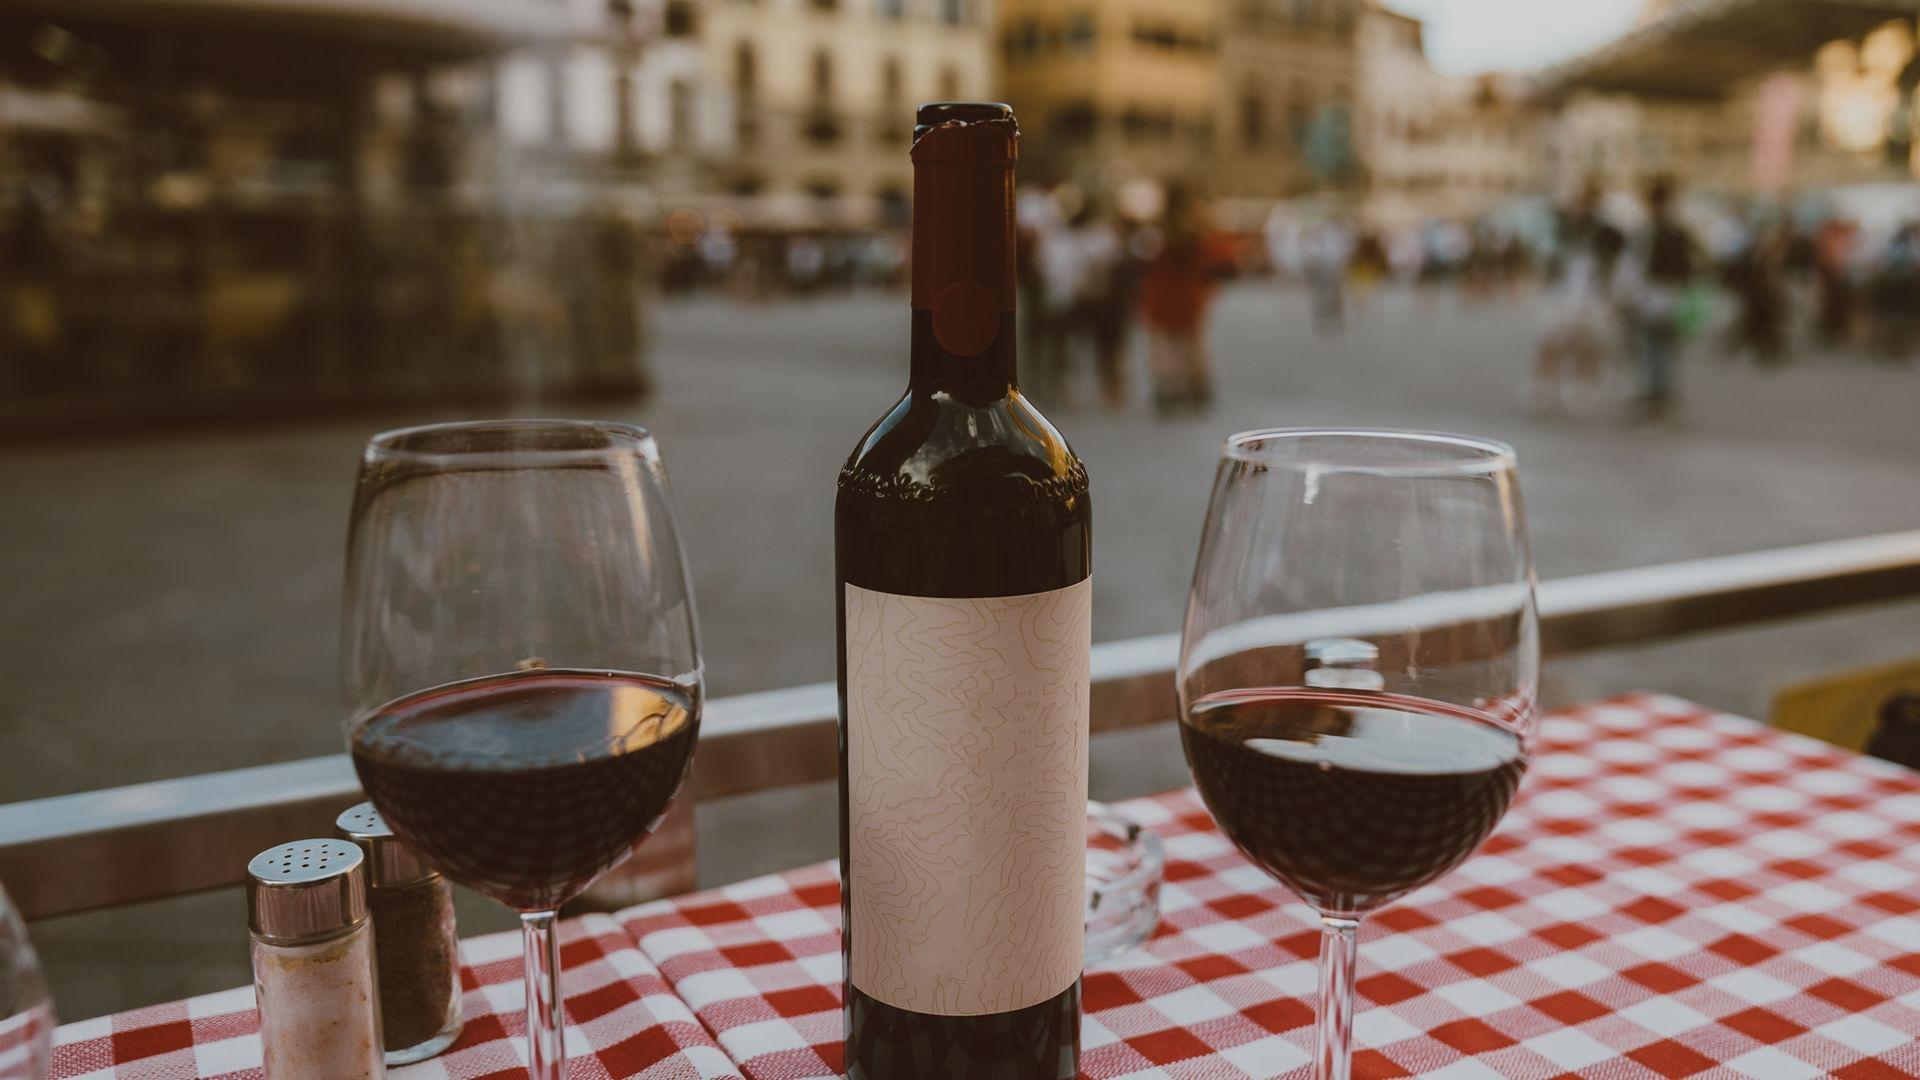 4 indirizzi imperdibili per mangiare il lampredotto a Firenze